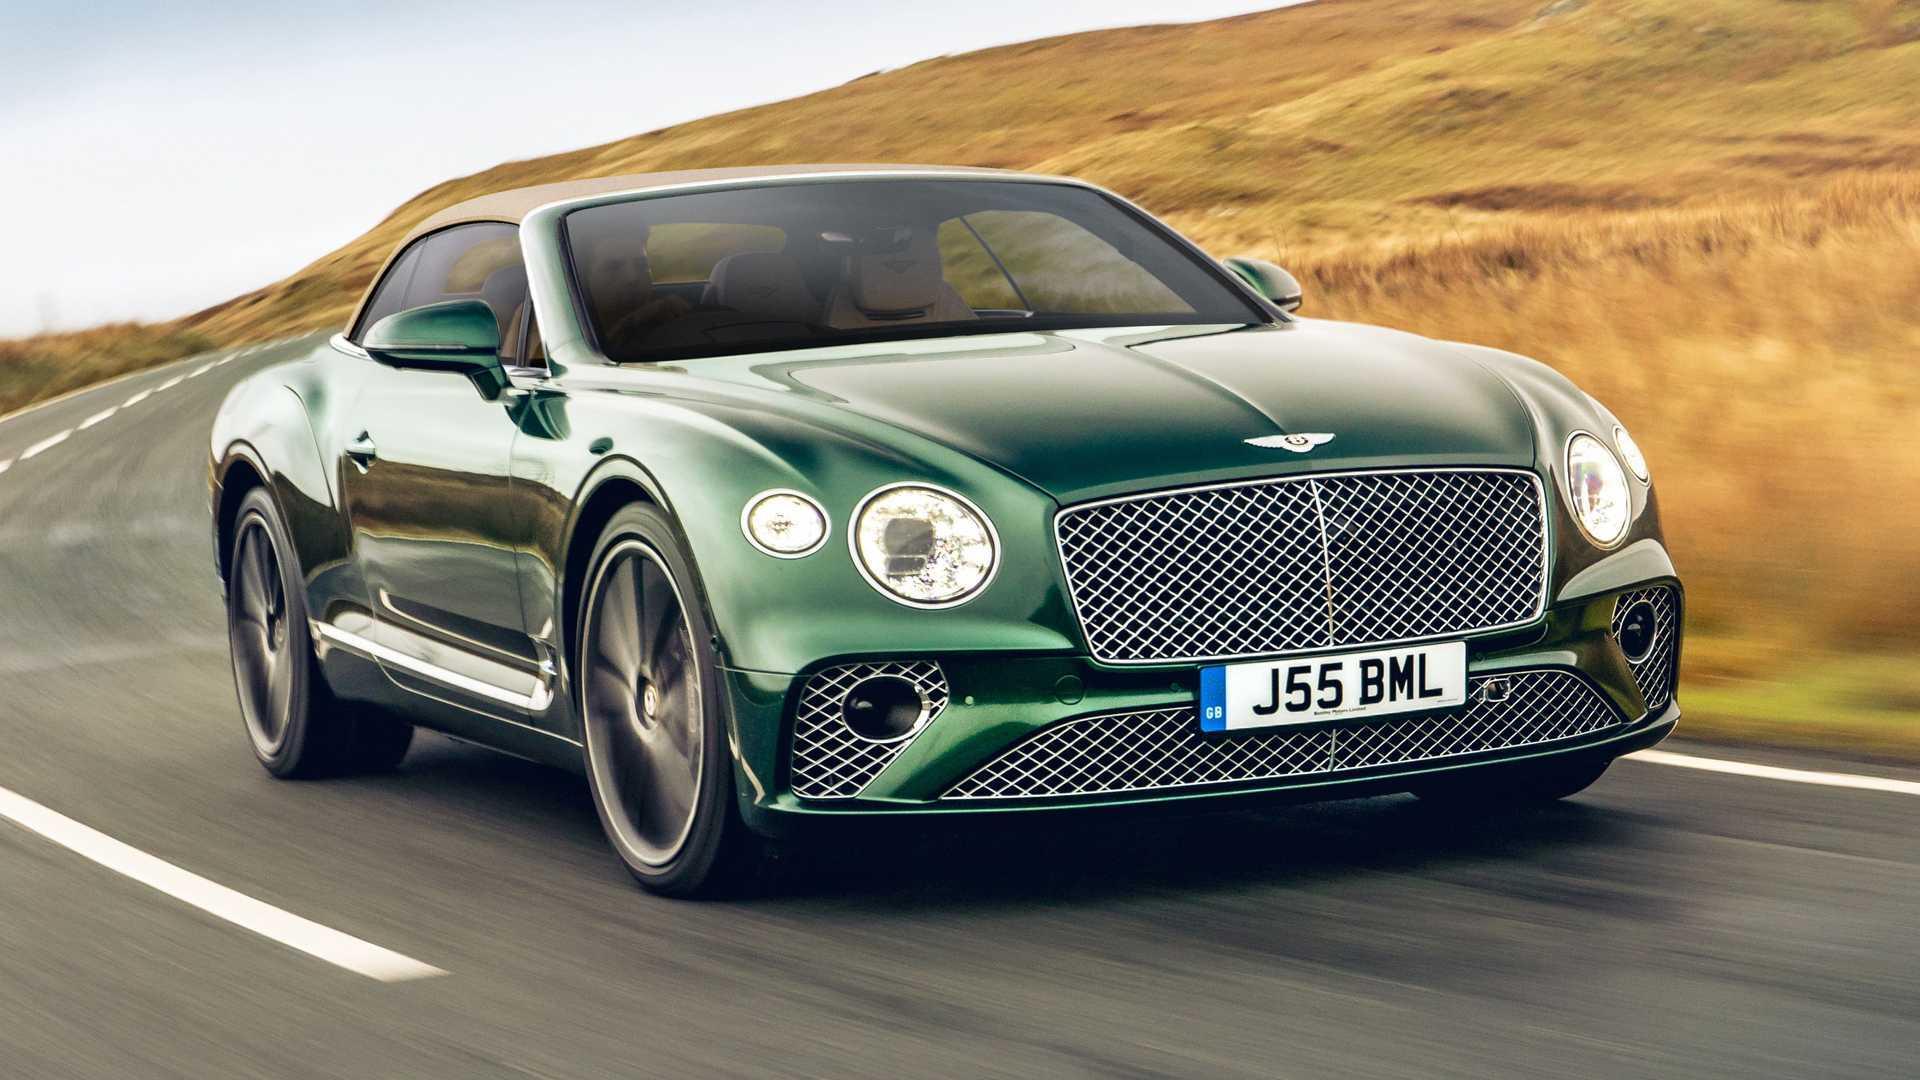 Bentley построил 80 000 автомобилей Continental GT, первый из которых еще находится в эксплуатации